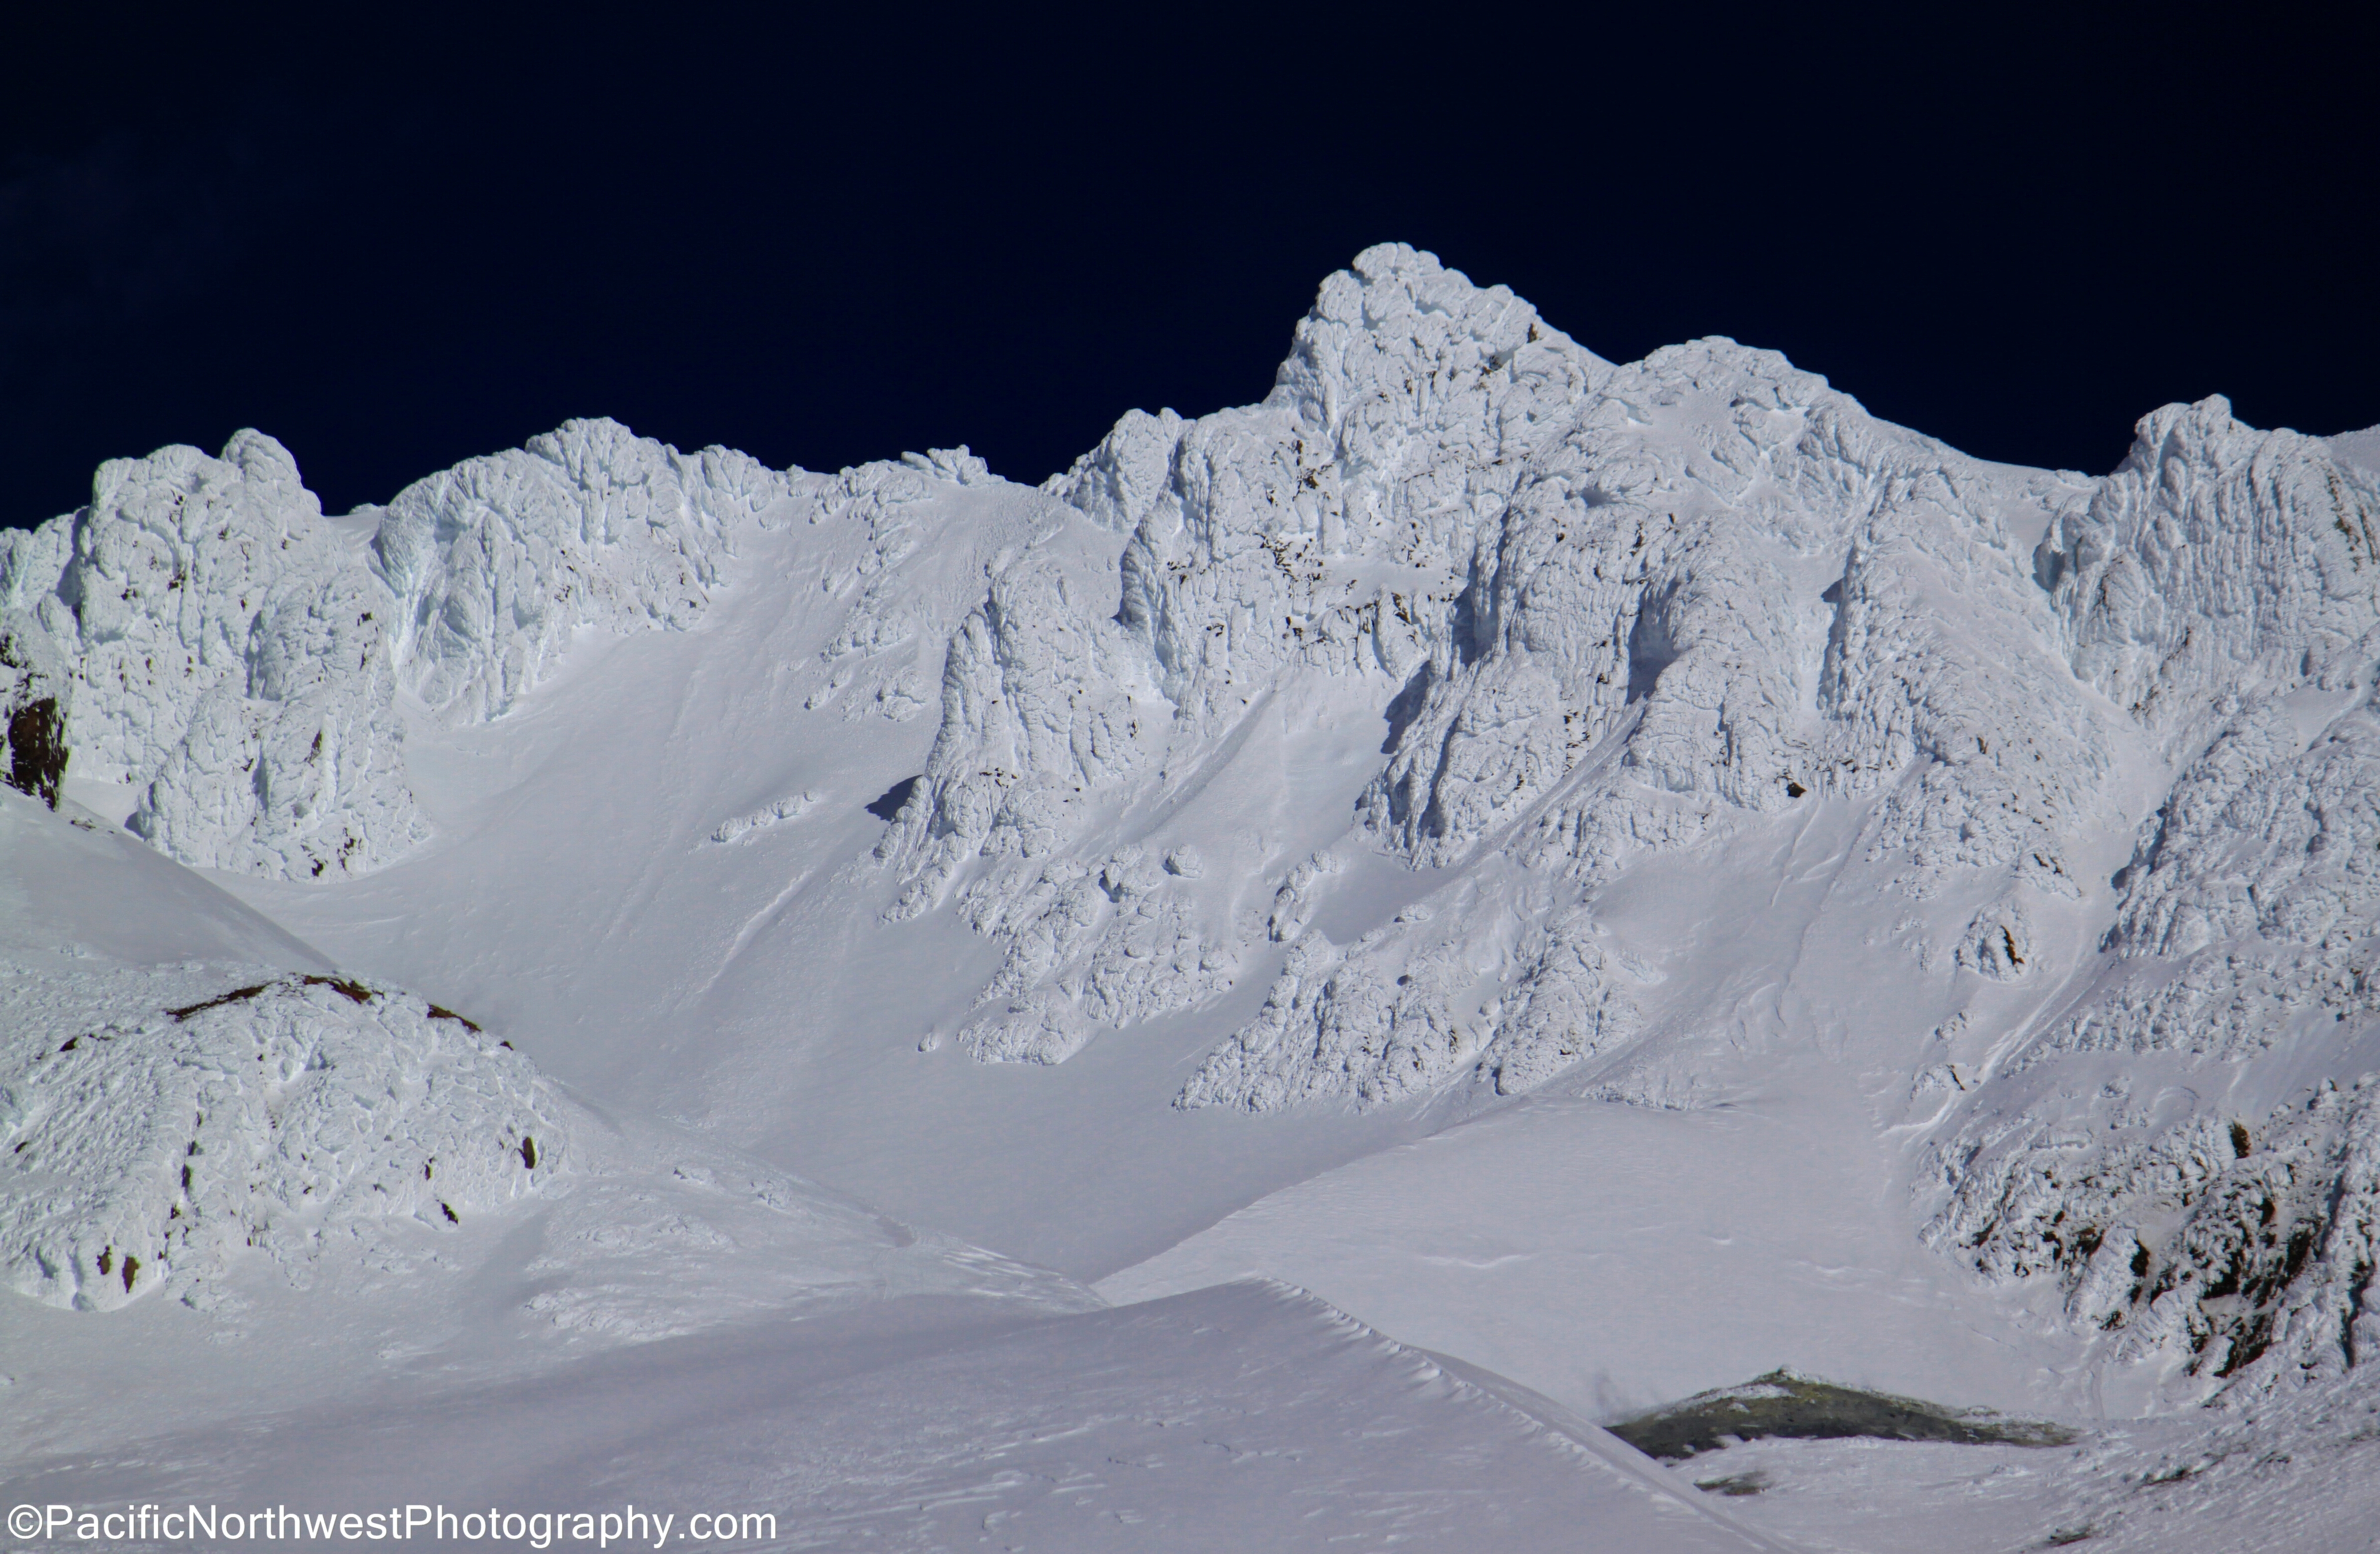 Summit of Mt. Hood, OR